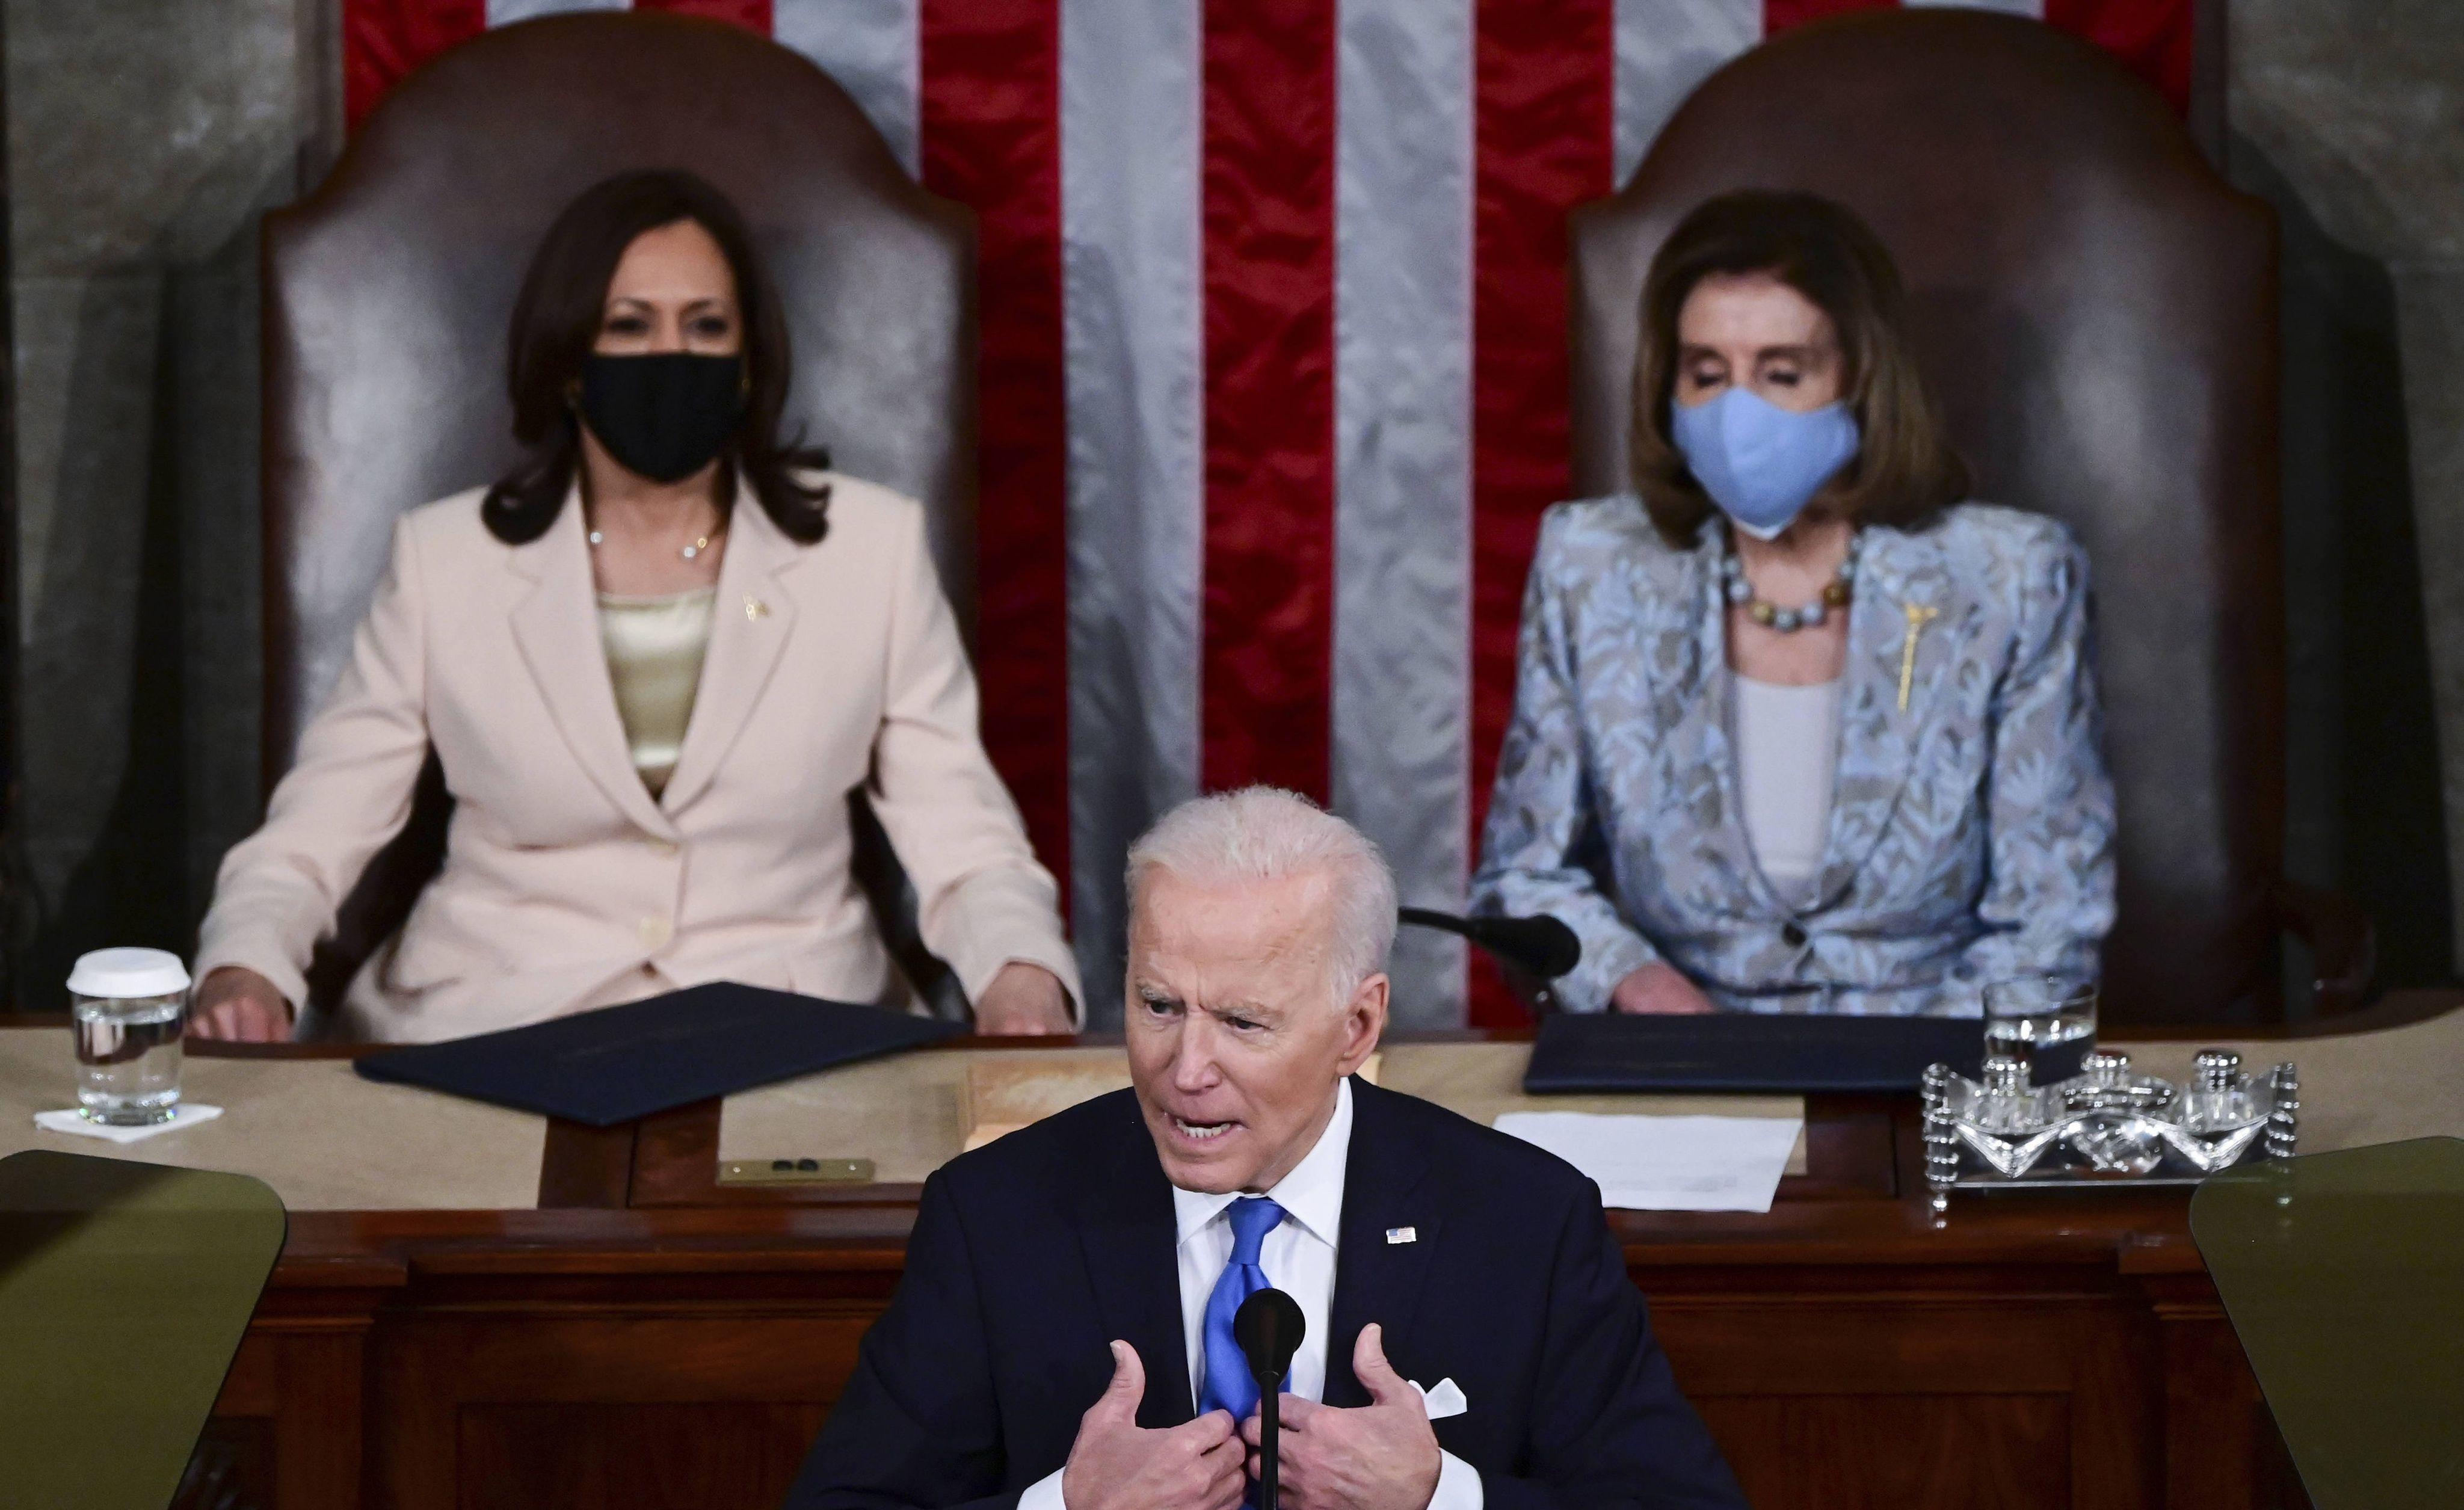 Joe Biden lors de son discours devant le Congrès, le 28 avril 2021, avec Nancy Pelosi et Kamala Harris derrière lui.